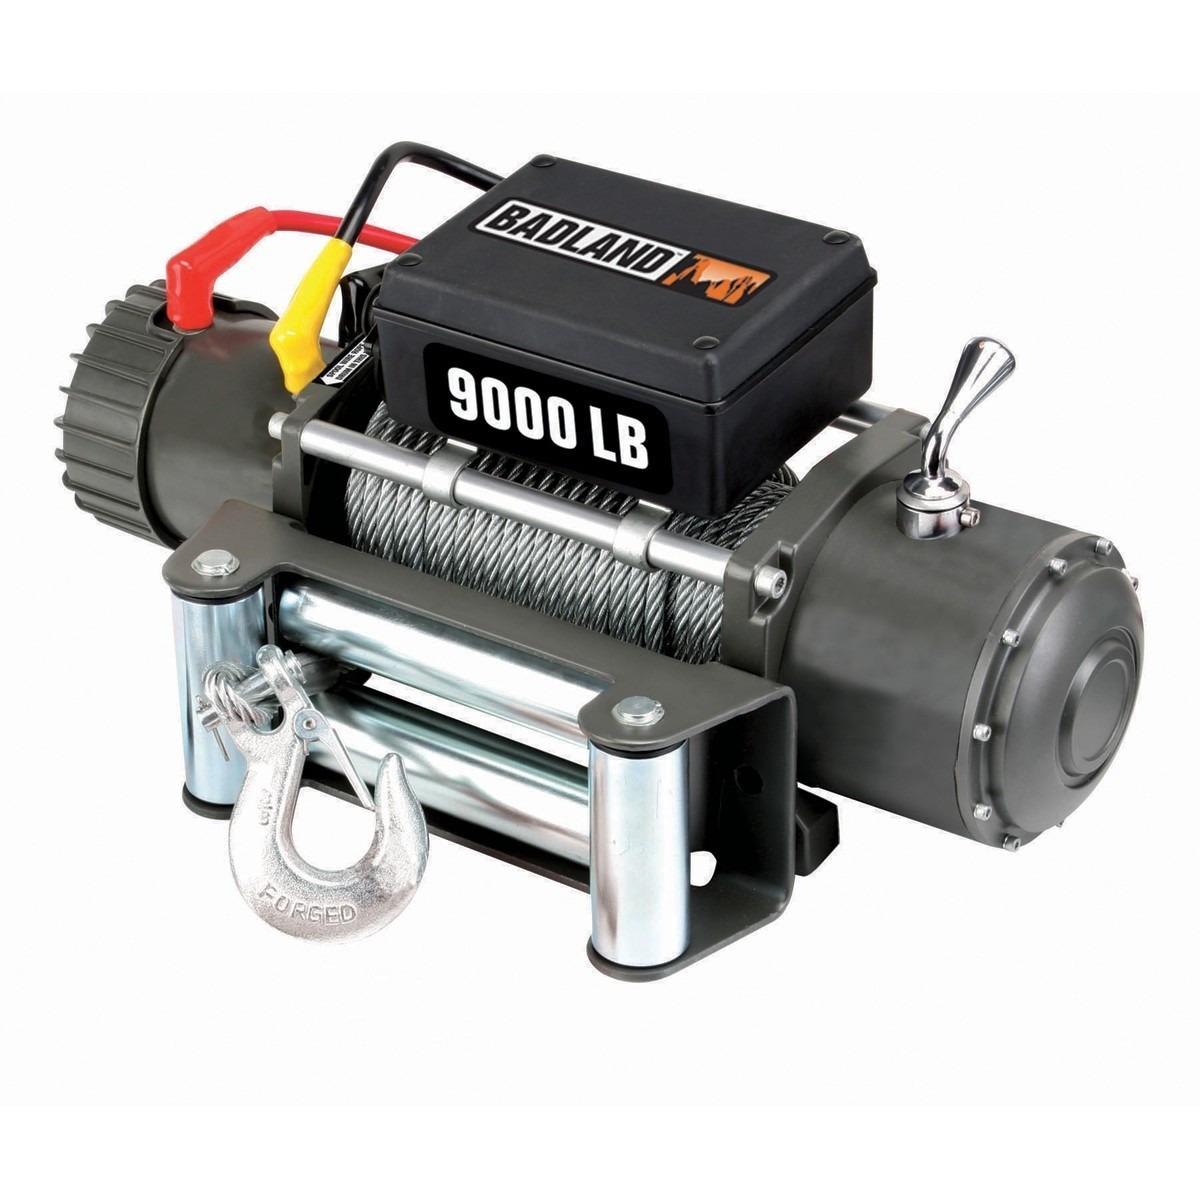 badland winch solenoid wiring diagram 480 volt 3 phase to 240 single electrico 9000 lbs off road 9 000 00 en mercado